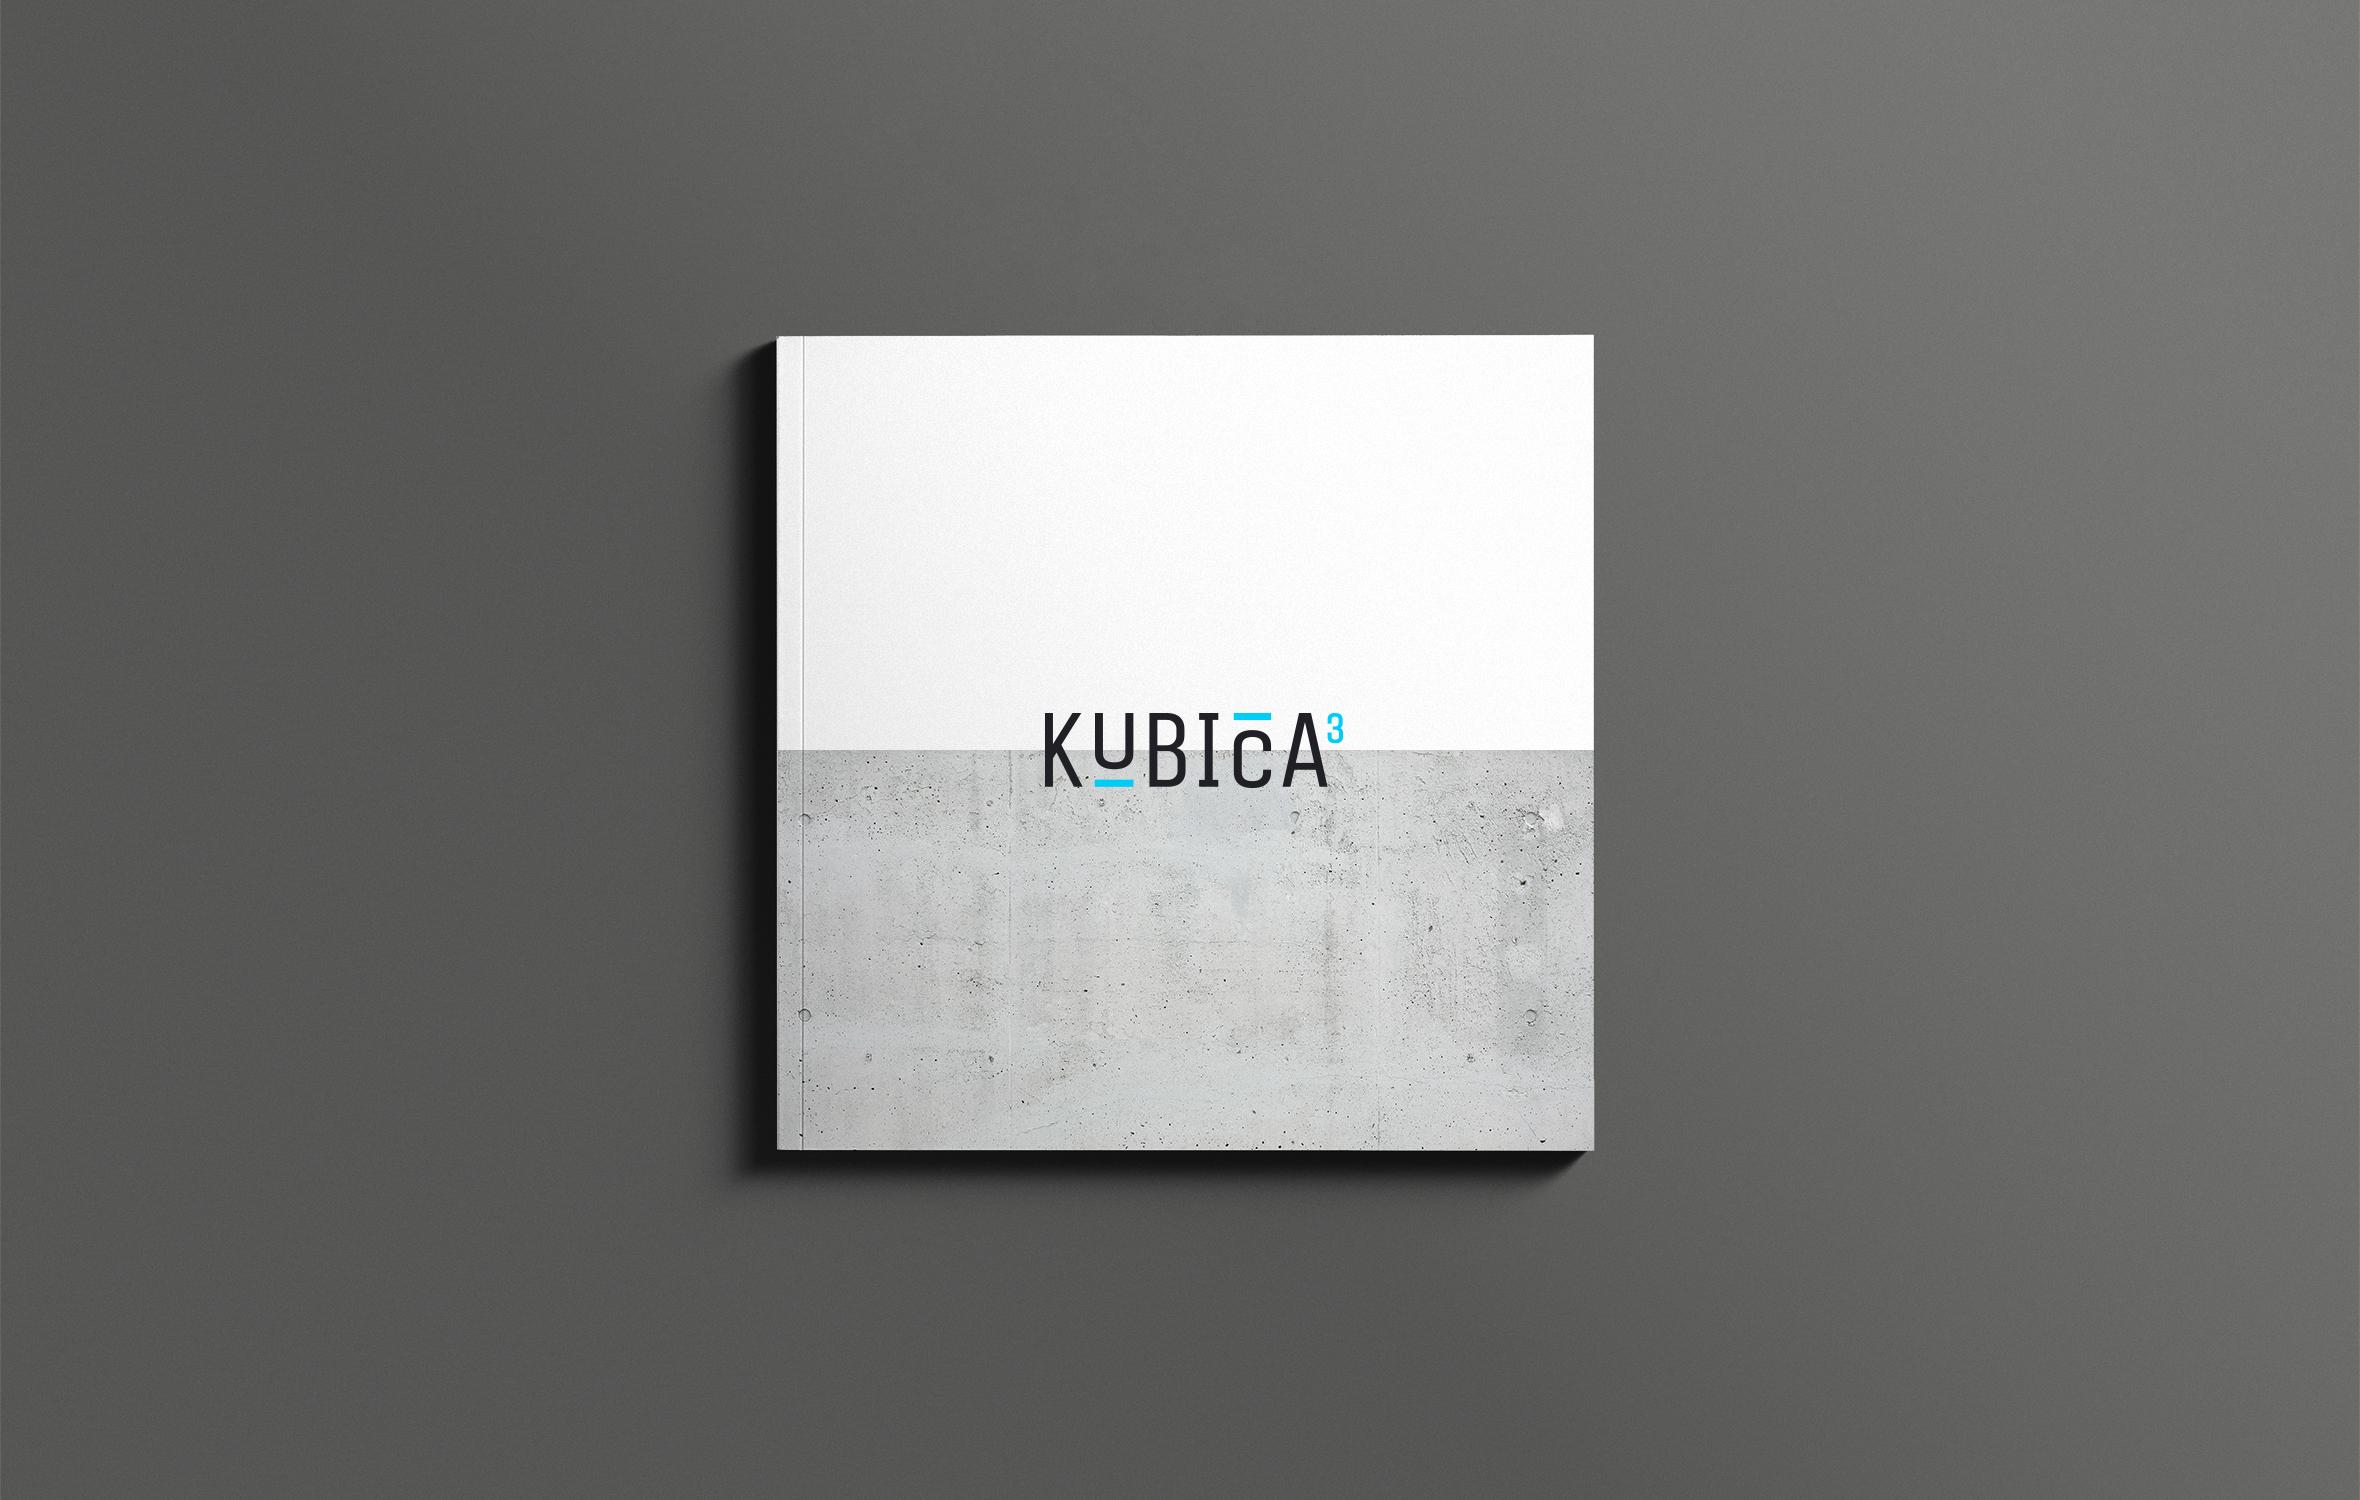 Projet Immobilier Kubica - Identité - Bivouac Studio